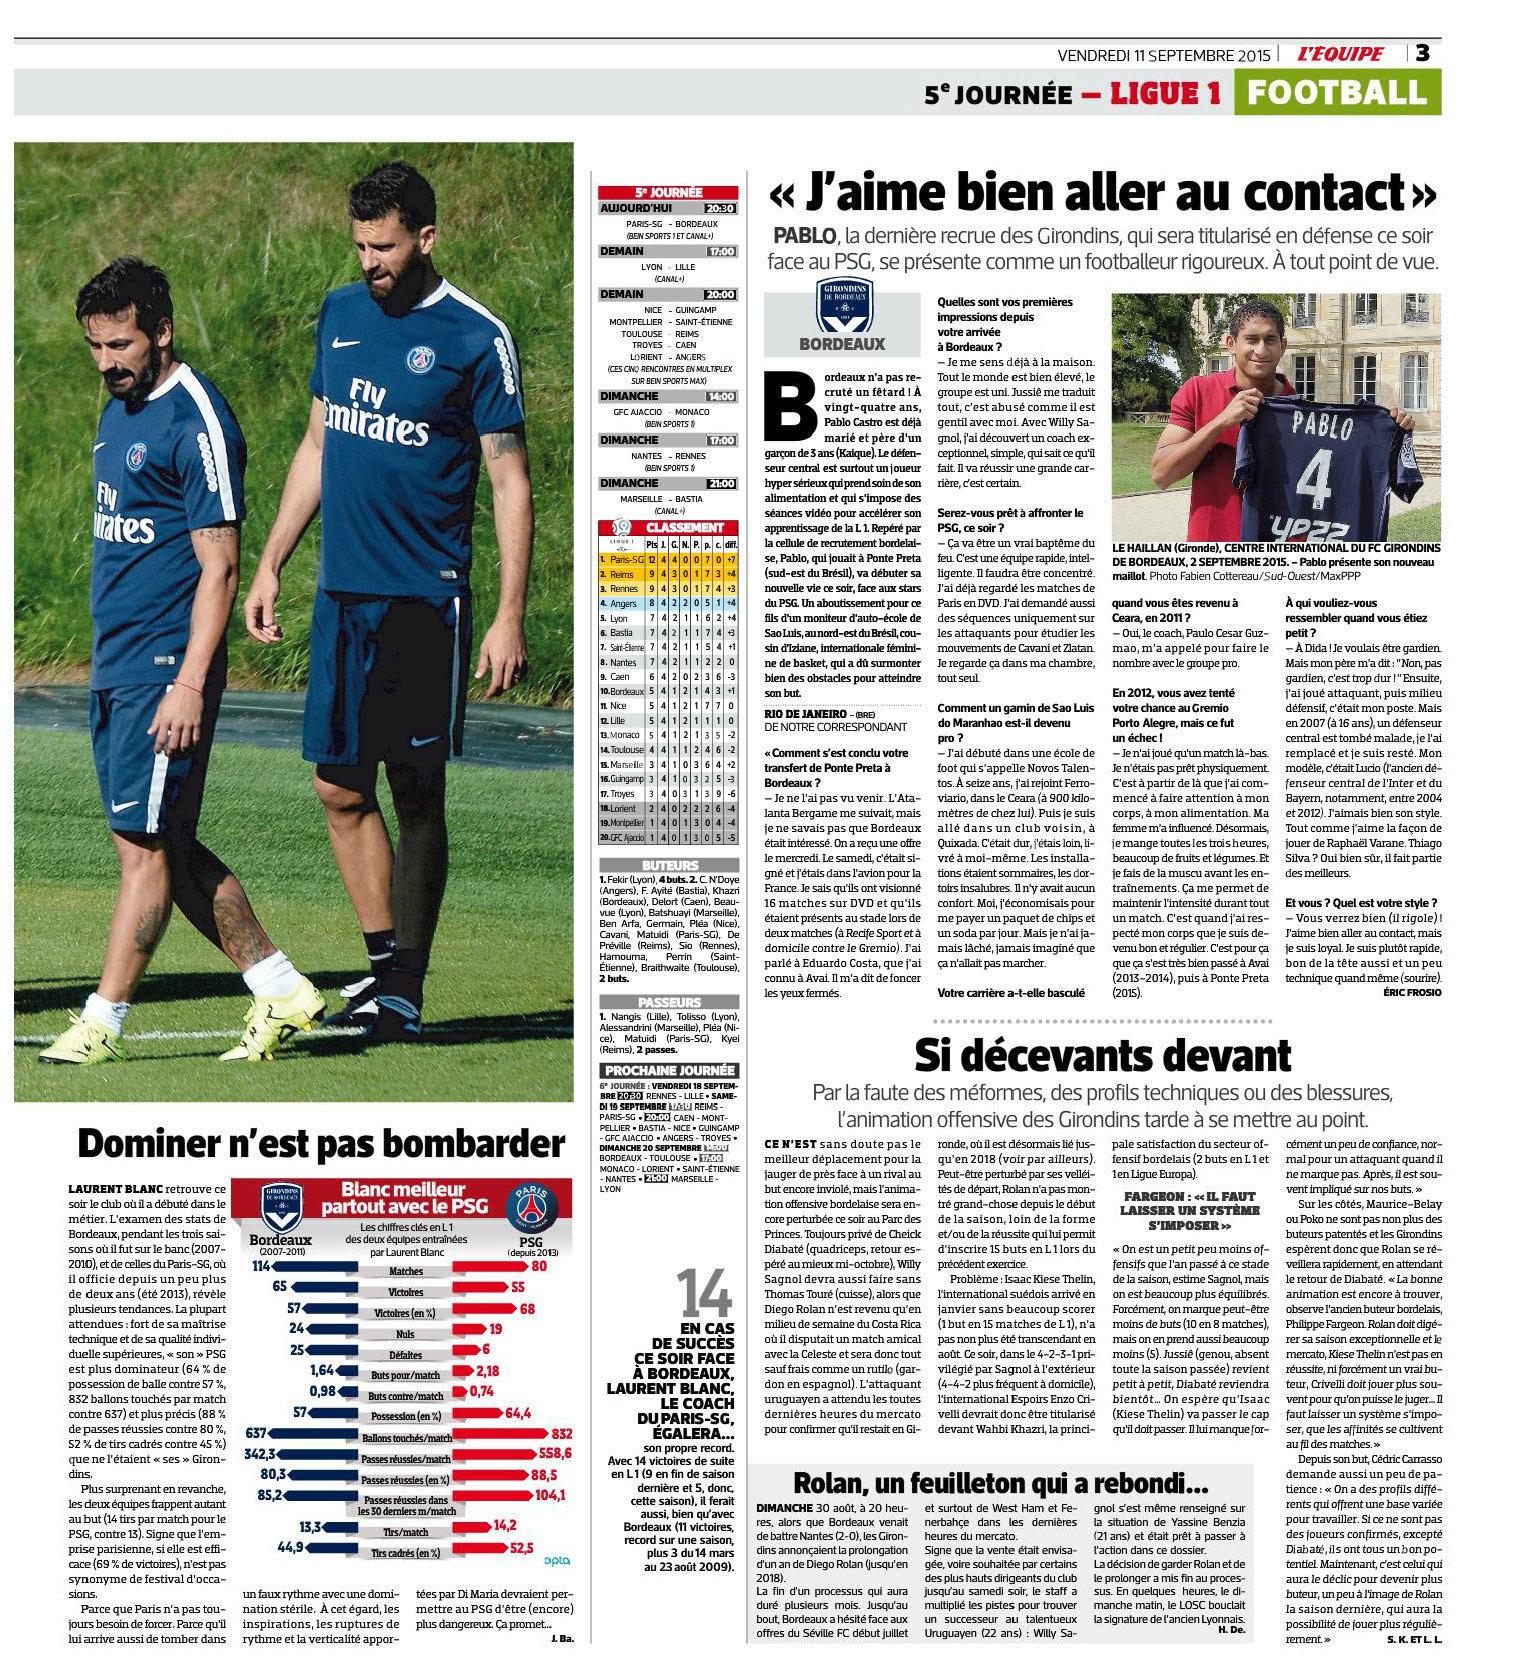 Serge Aurier Blaise Matuidi And Lucas Moura Five Players: [PSG Live] Ligue 1, 5ème Journée: PSG